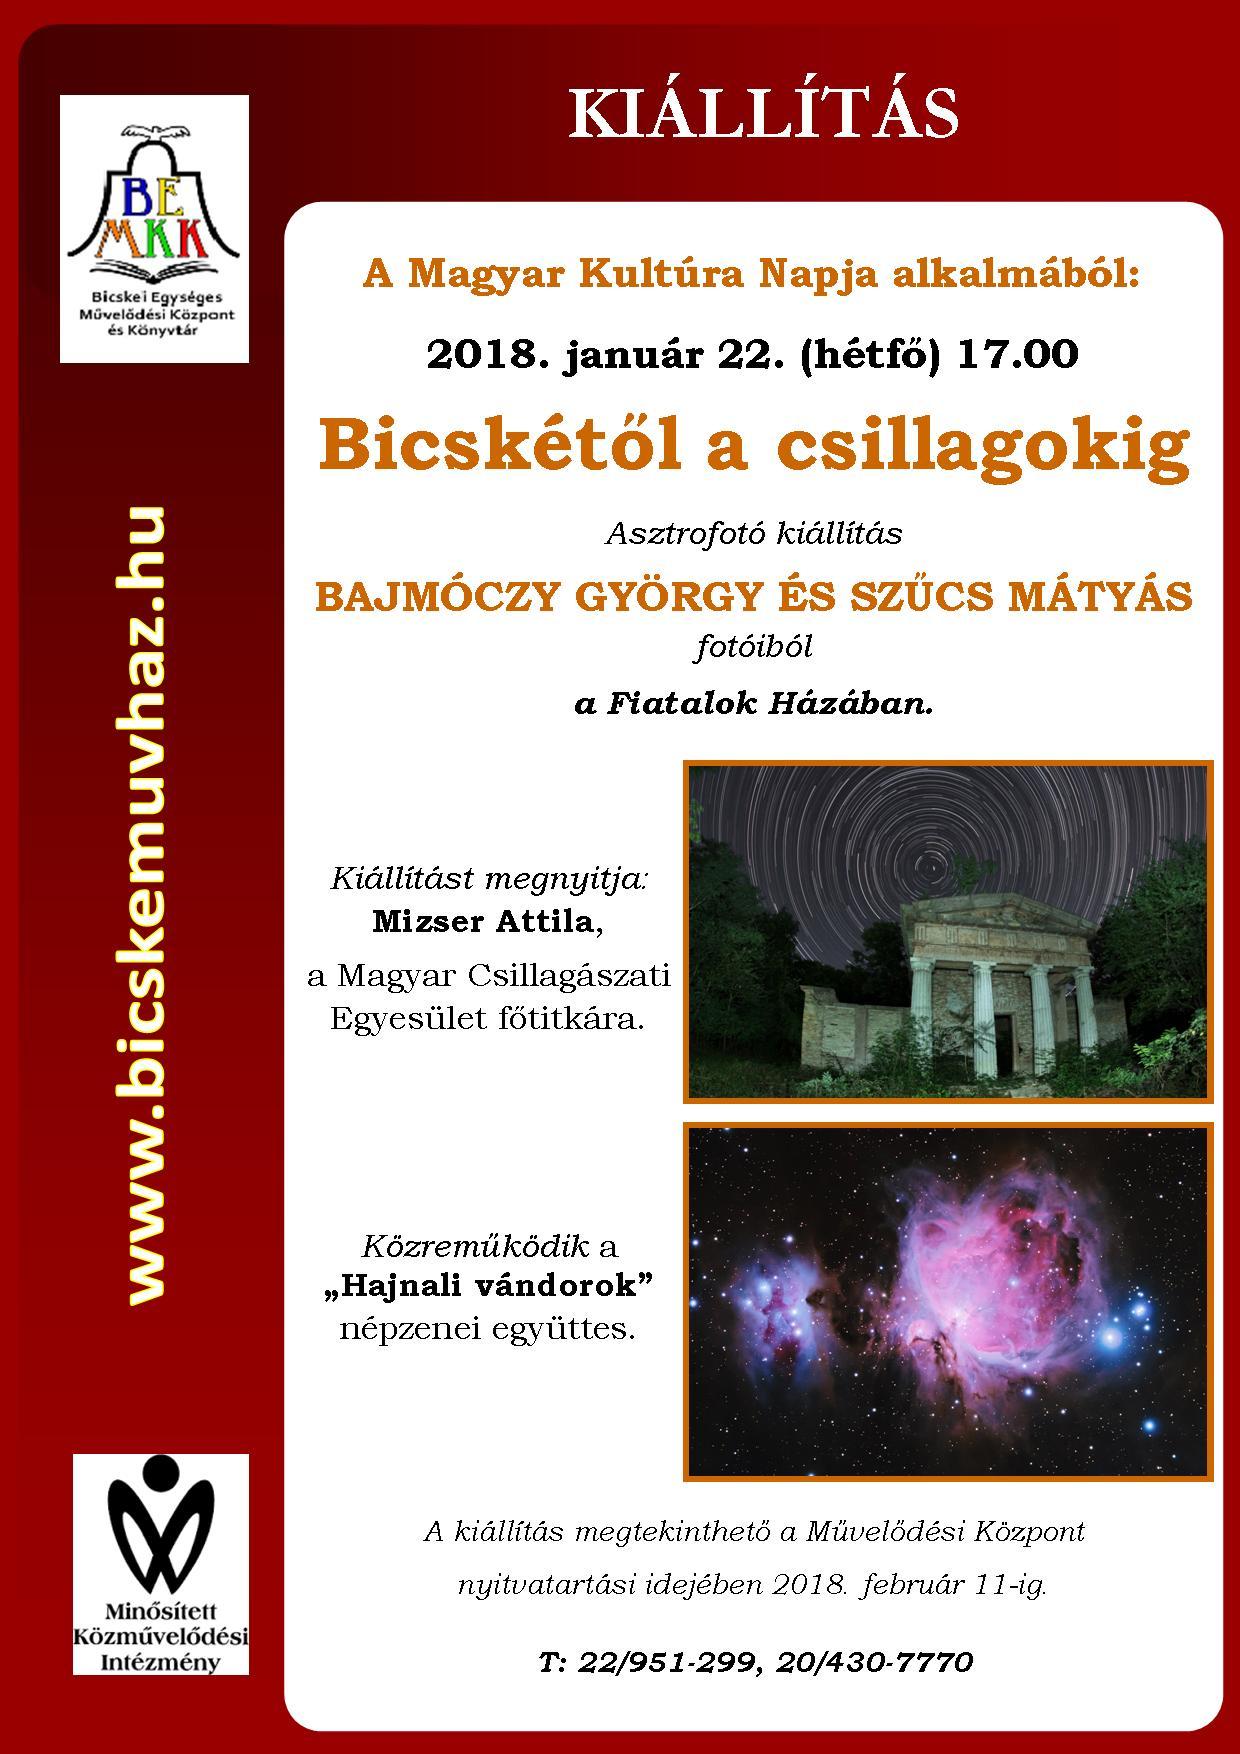 bicsketol_a_csillagokig_1.jpg